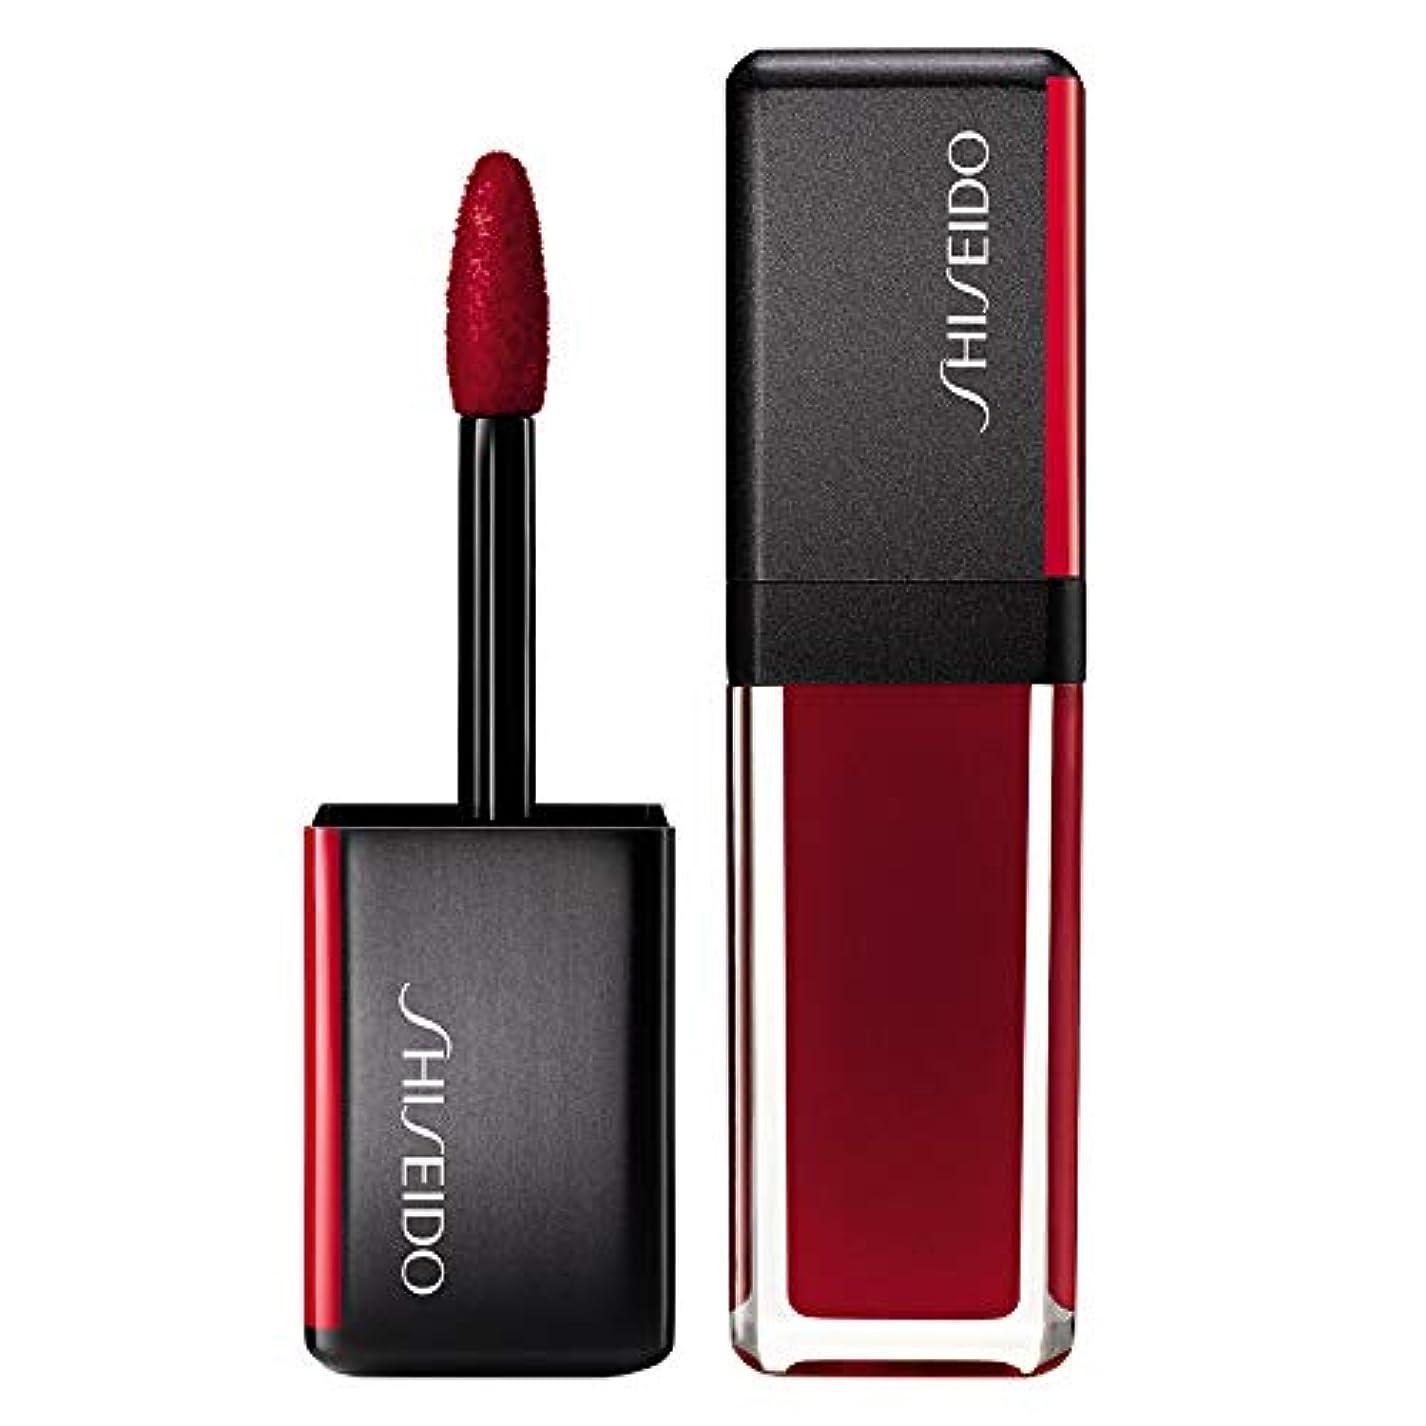 砲兵不公平助言する資生堂 LacquerInk LipShine - # 307 Scarlet Glare (Scarlet) 6ml/0.2oz並行輸入品